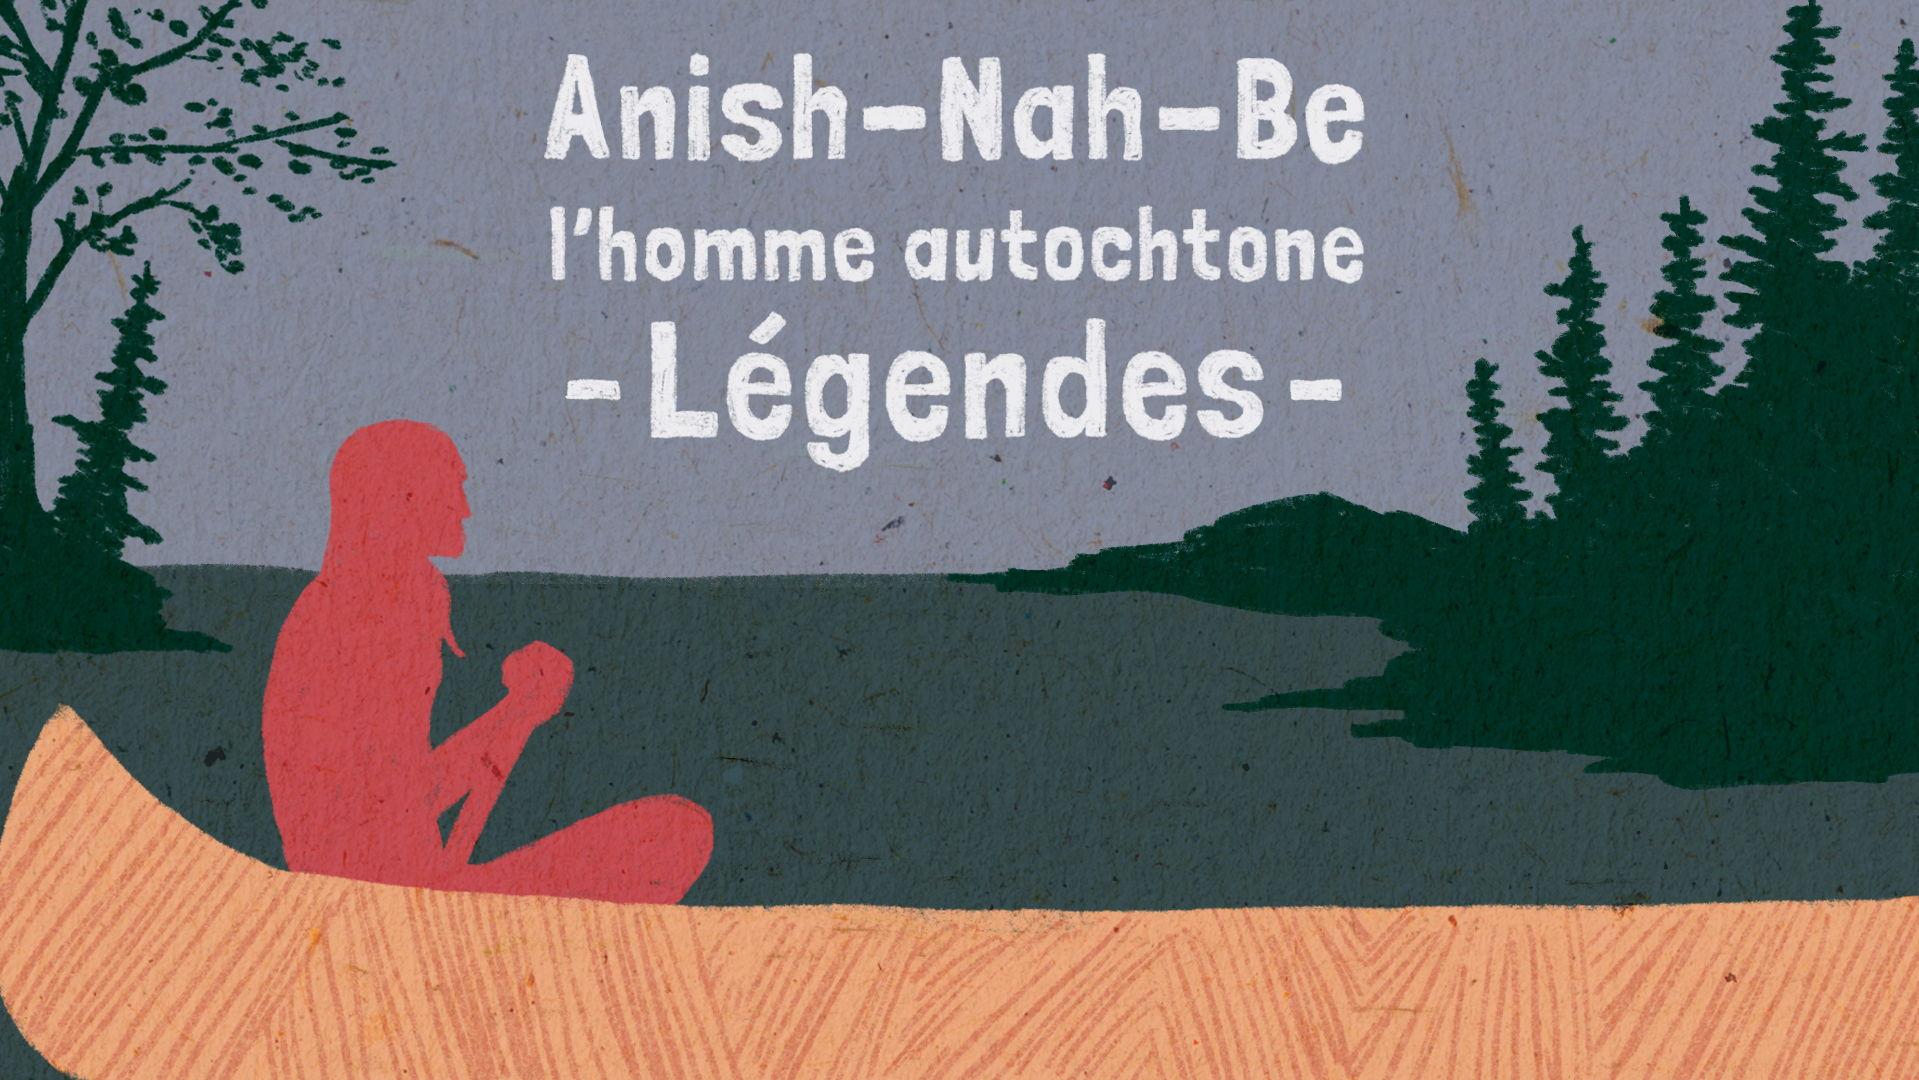 le texte «Anish-Nah-Be, l'homme autochtone – Légendes» accompagné d'un paysage stylisé comportant une forêt et une rivière sur laquelle pagaie une personne autochtone en avant plan